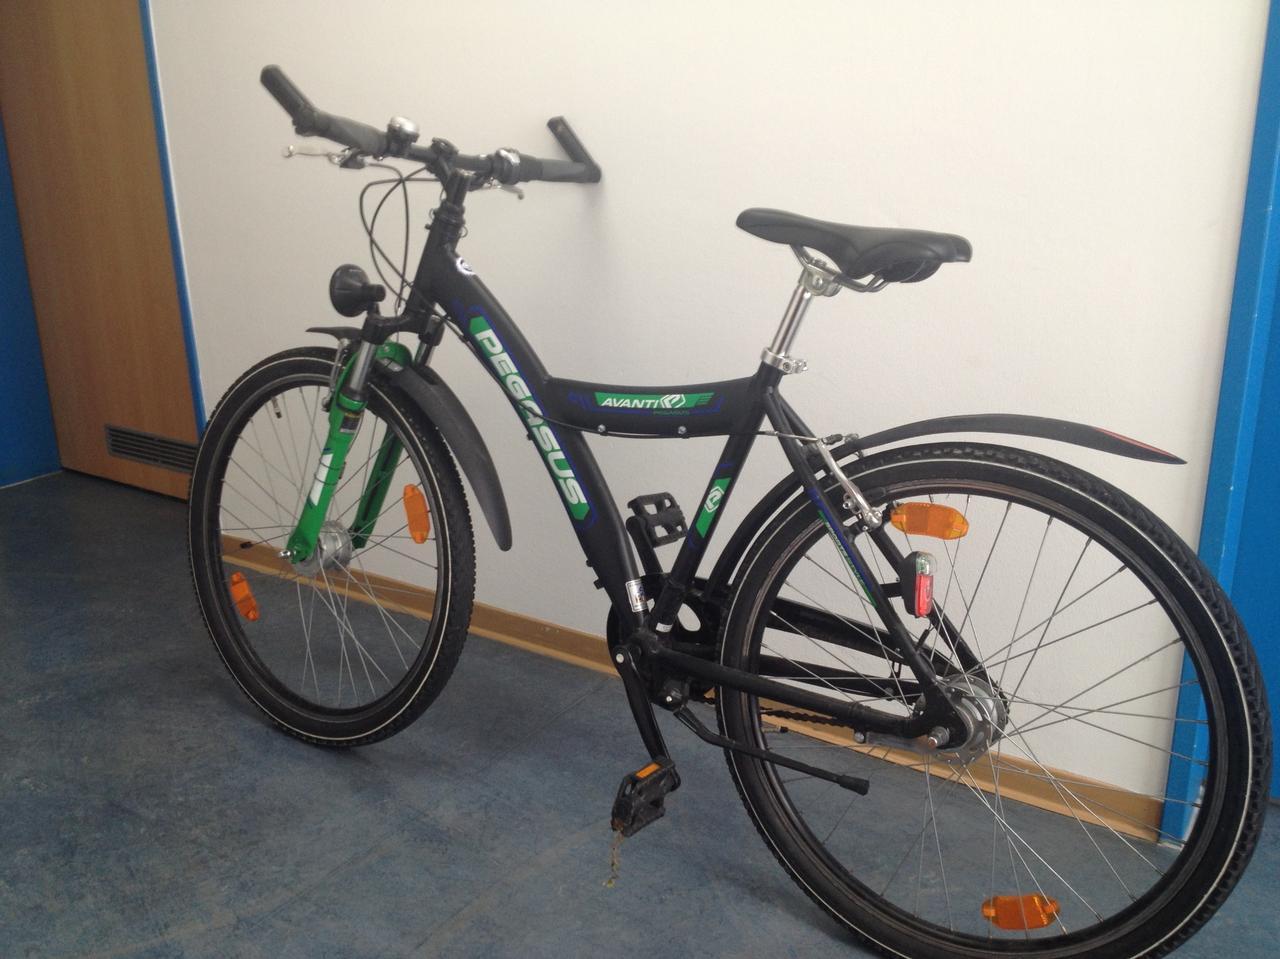 Polizei sucht Eigentümer eines Fahrrads